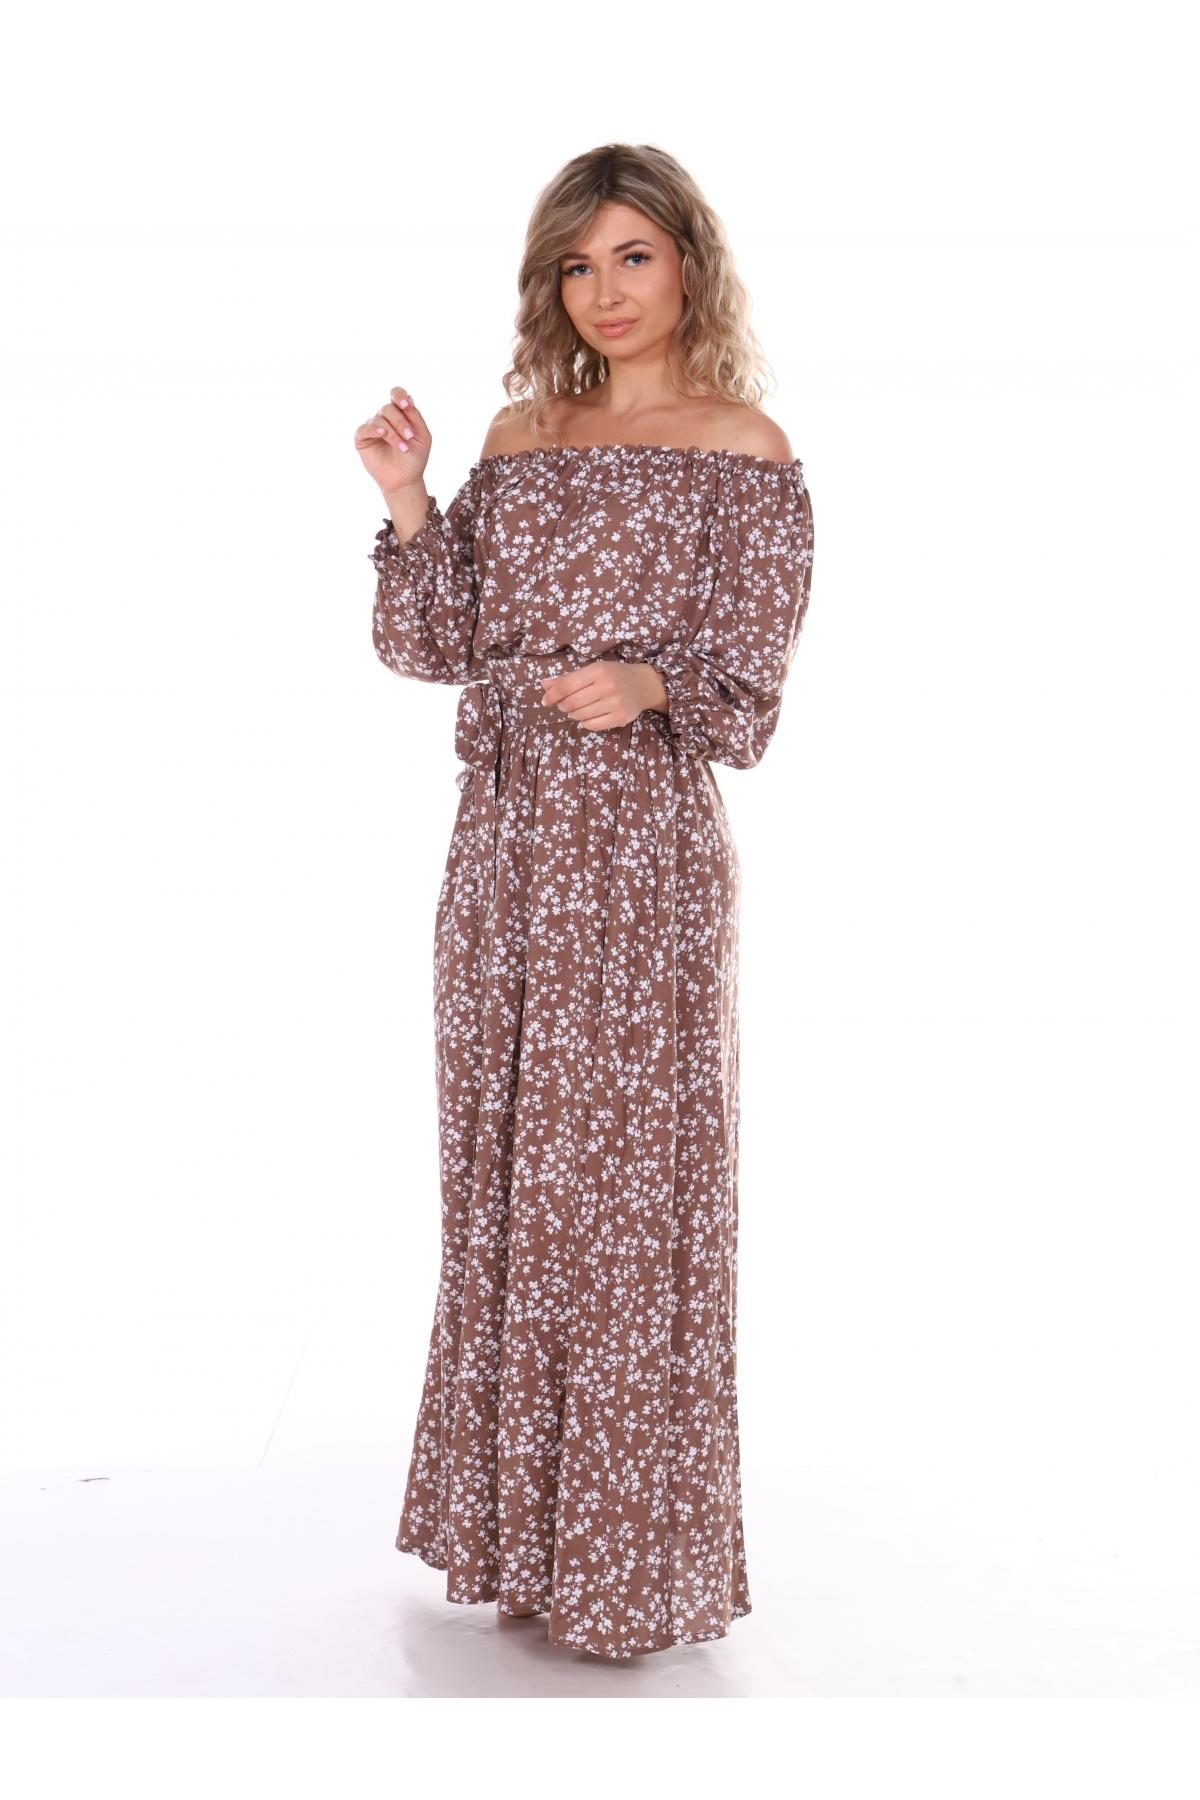 Платье повседневное в пол, цветочный принт, коричневый цвет